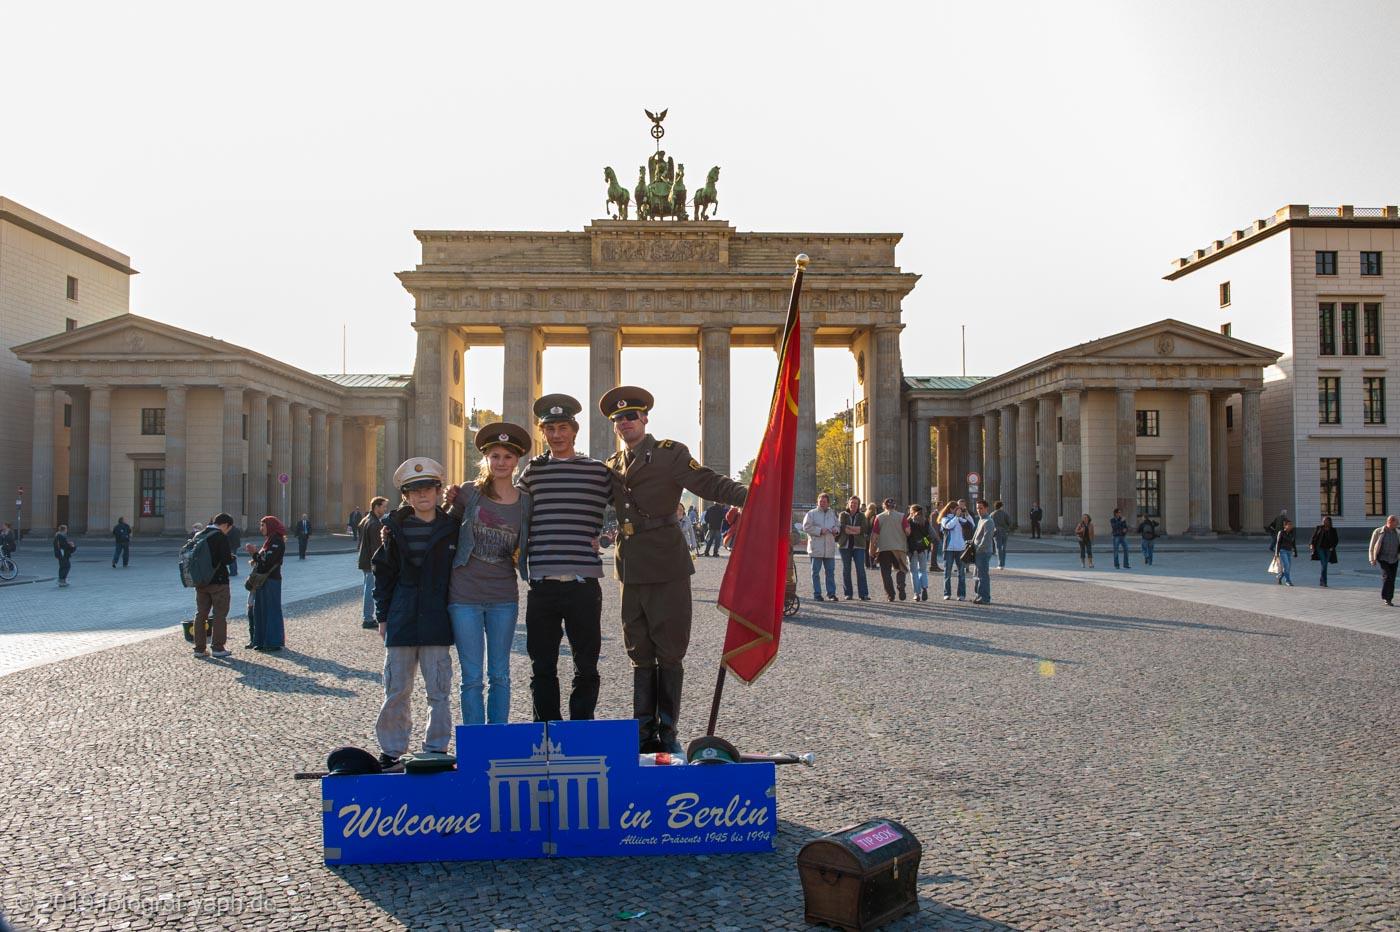 Das Brandenburger Tor in Berlin als Top Foto Motiv und Sehenswürdigkeit für Touristen